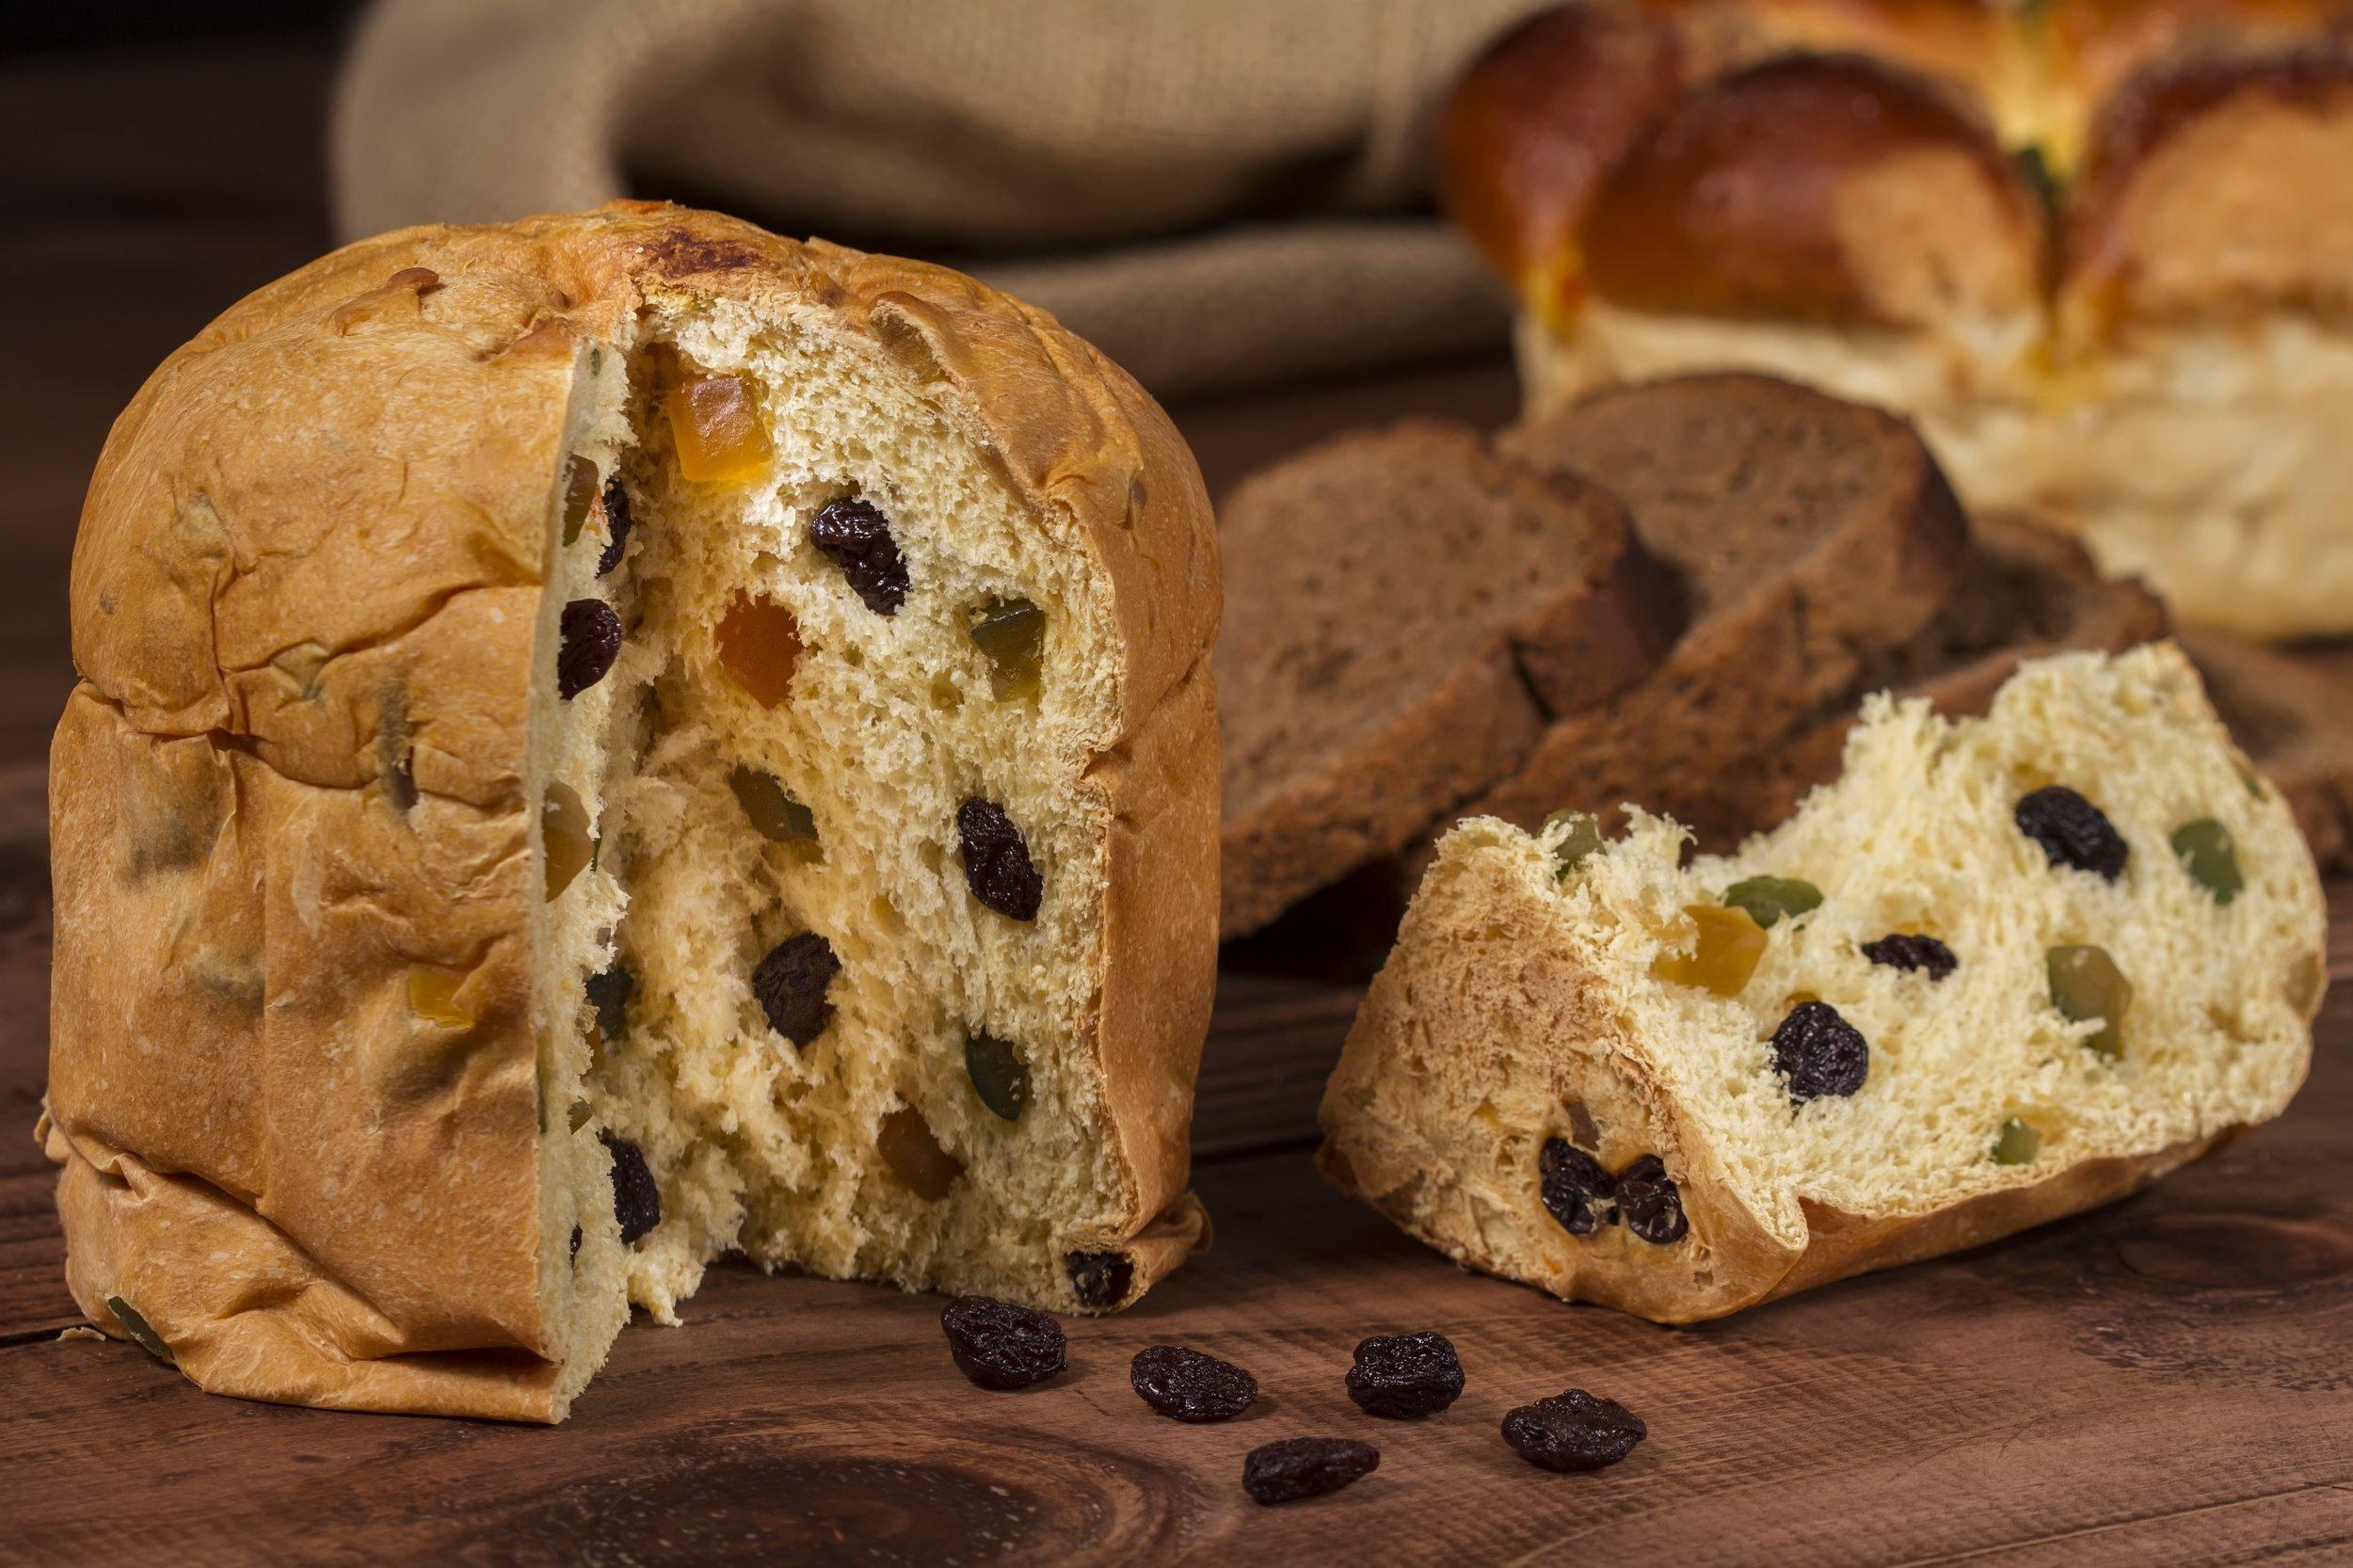 baked-baked-goods-baking-209387.jpg